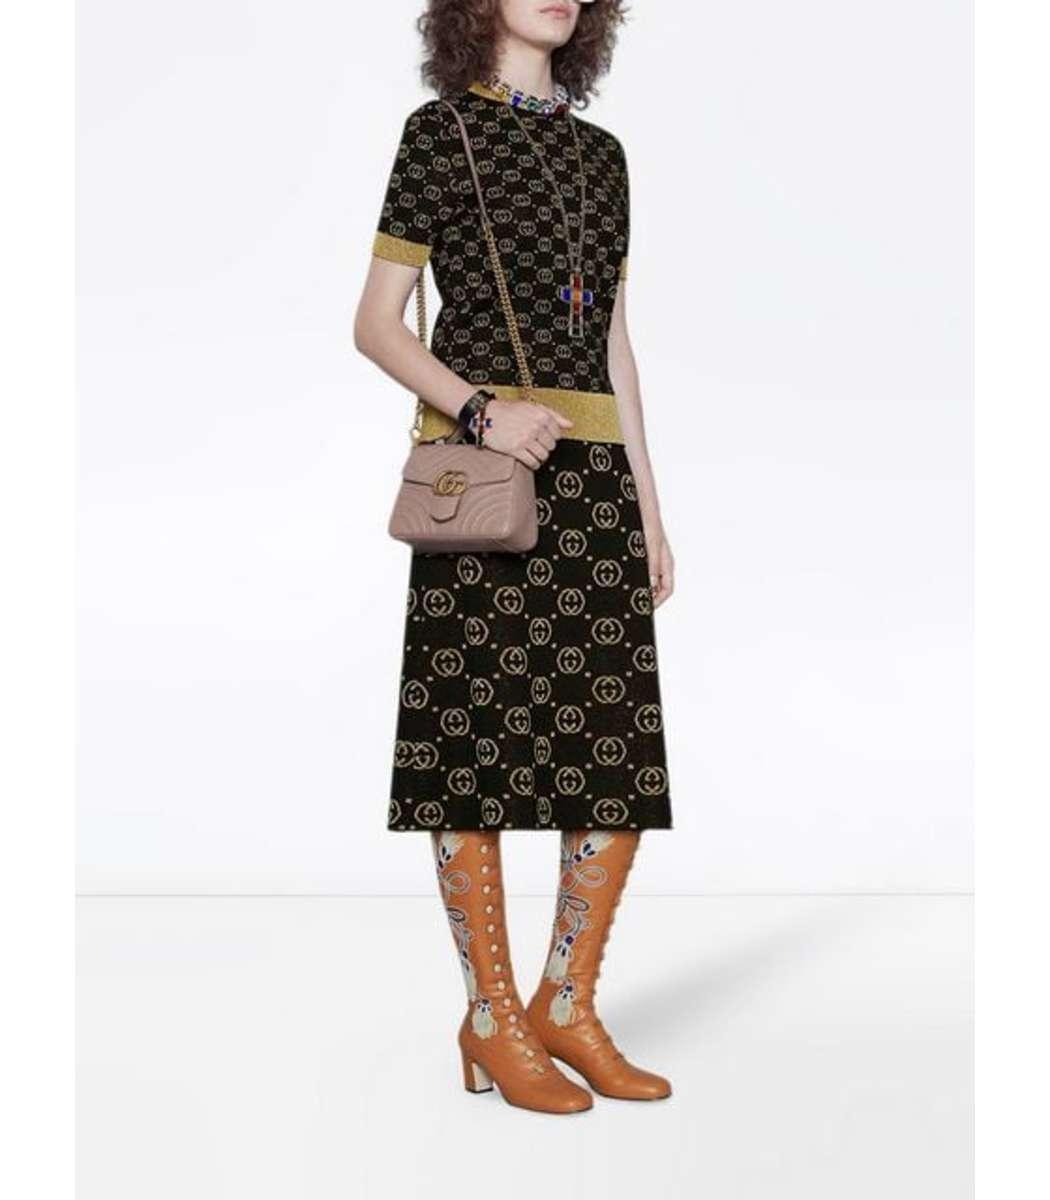 042a660351b41c Gucci - Natural Marmont 2.0 Mini Top Handle Bag - Lyst. View fullscreen